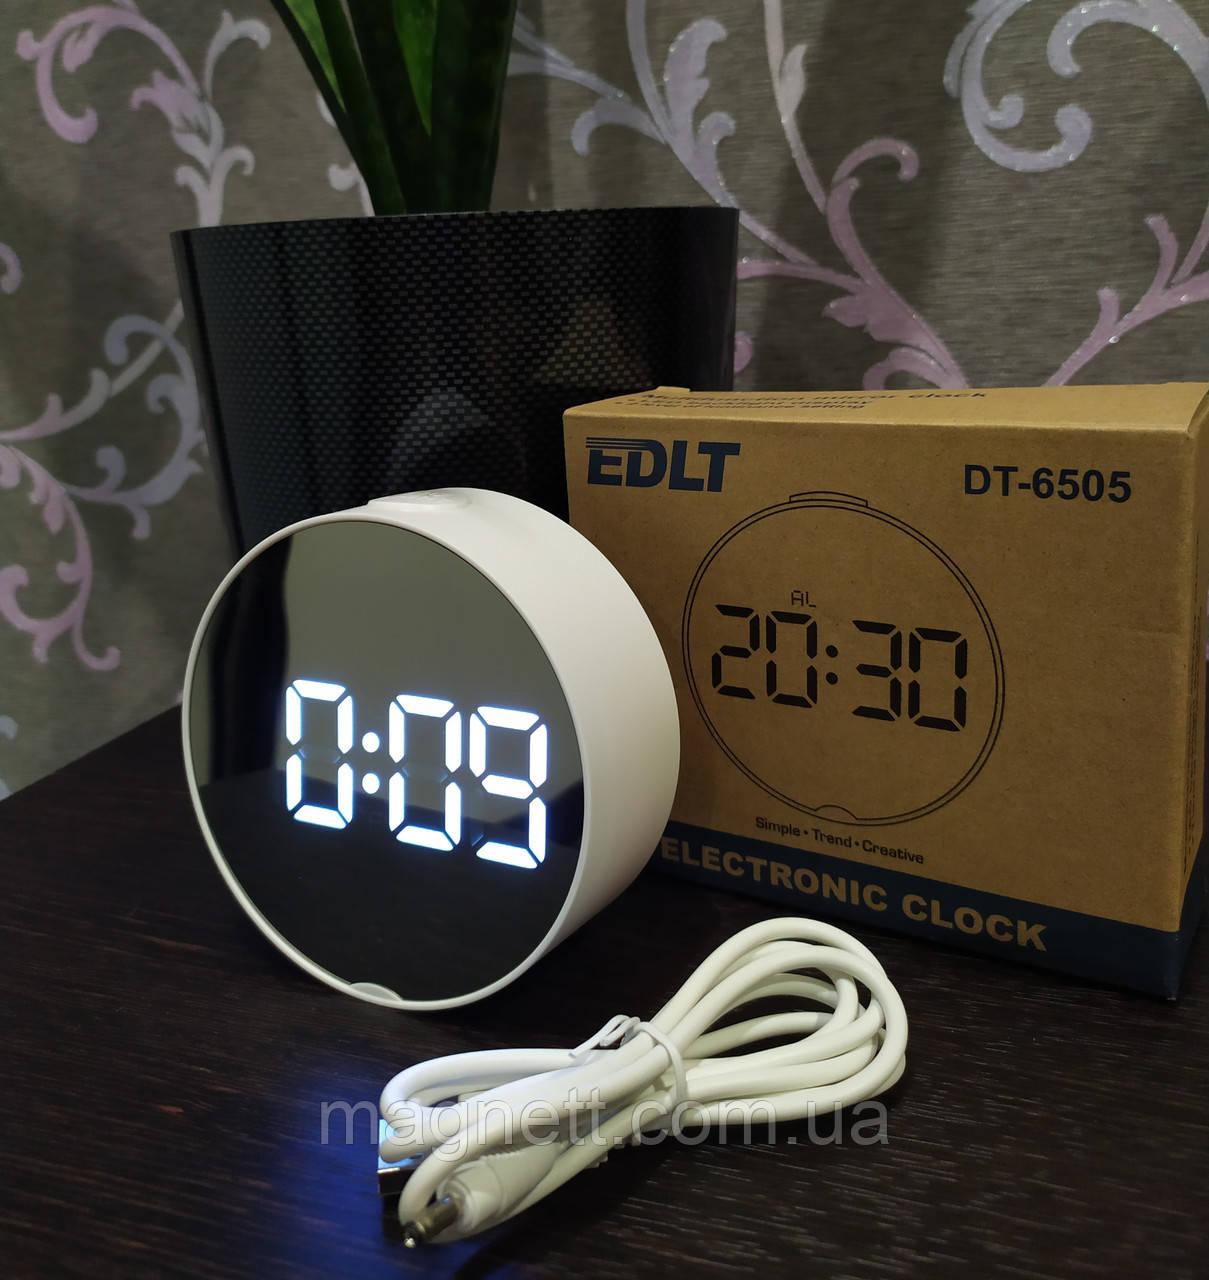 Зеркальные электронные LED часы настольные с белой подсветкой и термометром EDLT DT-6505 белый